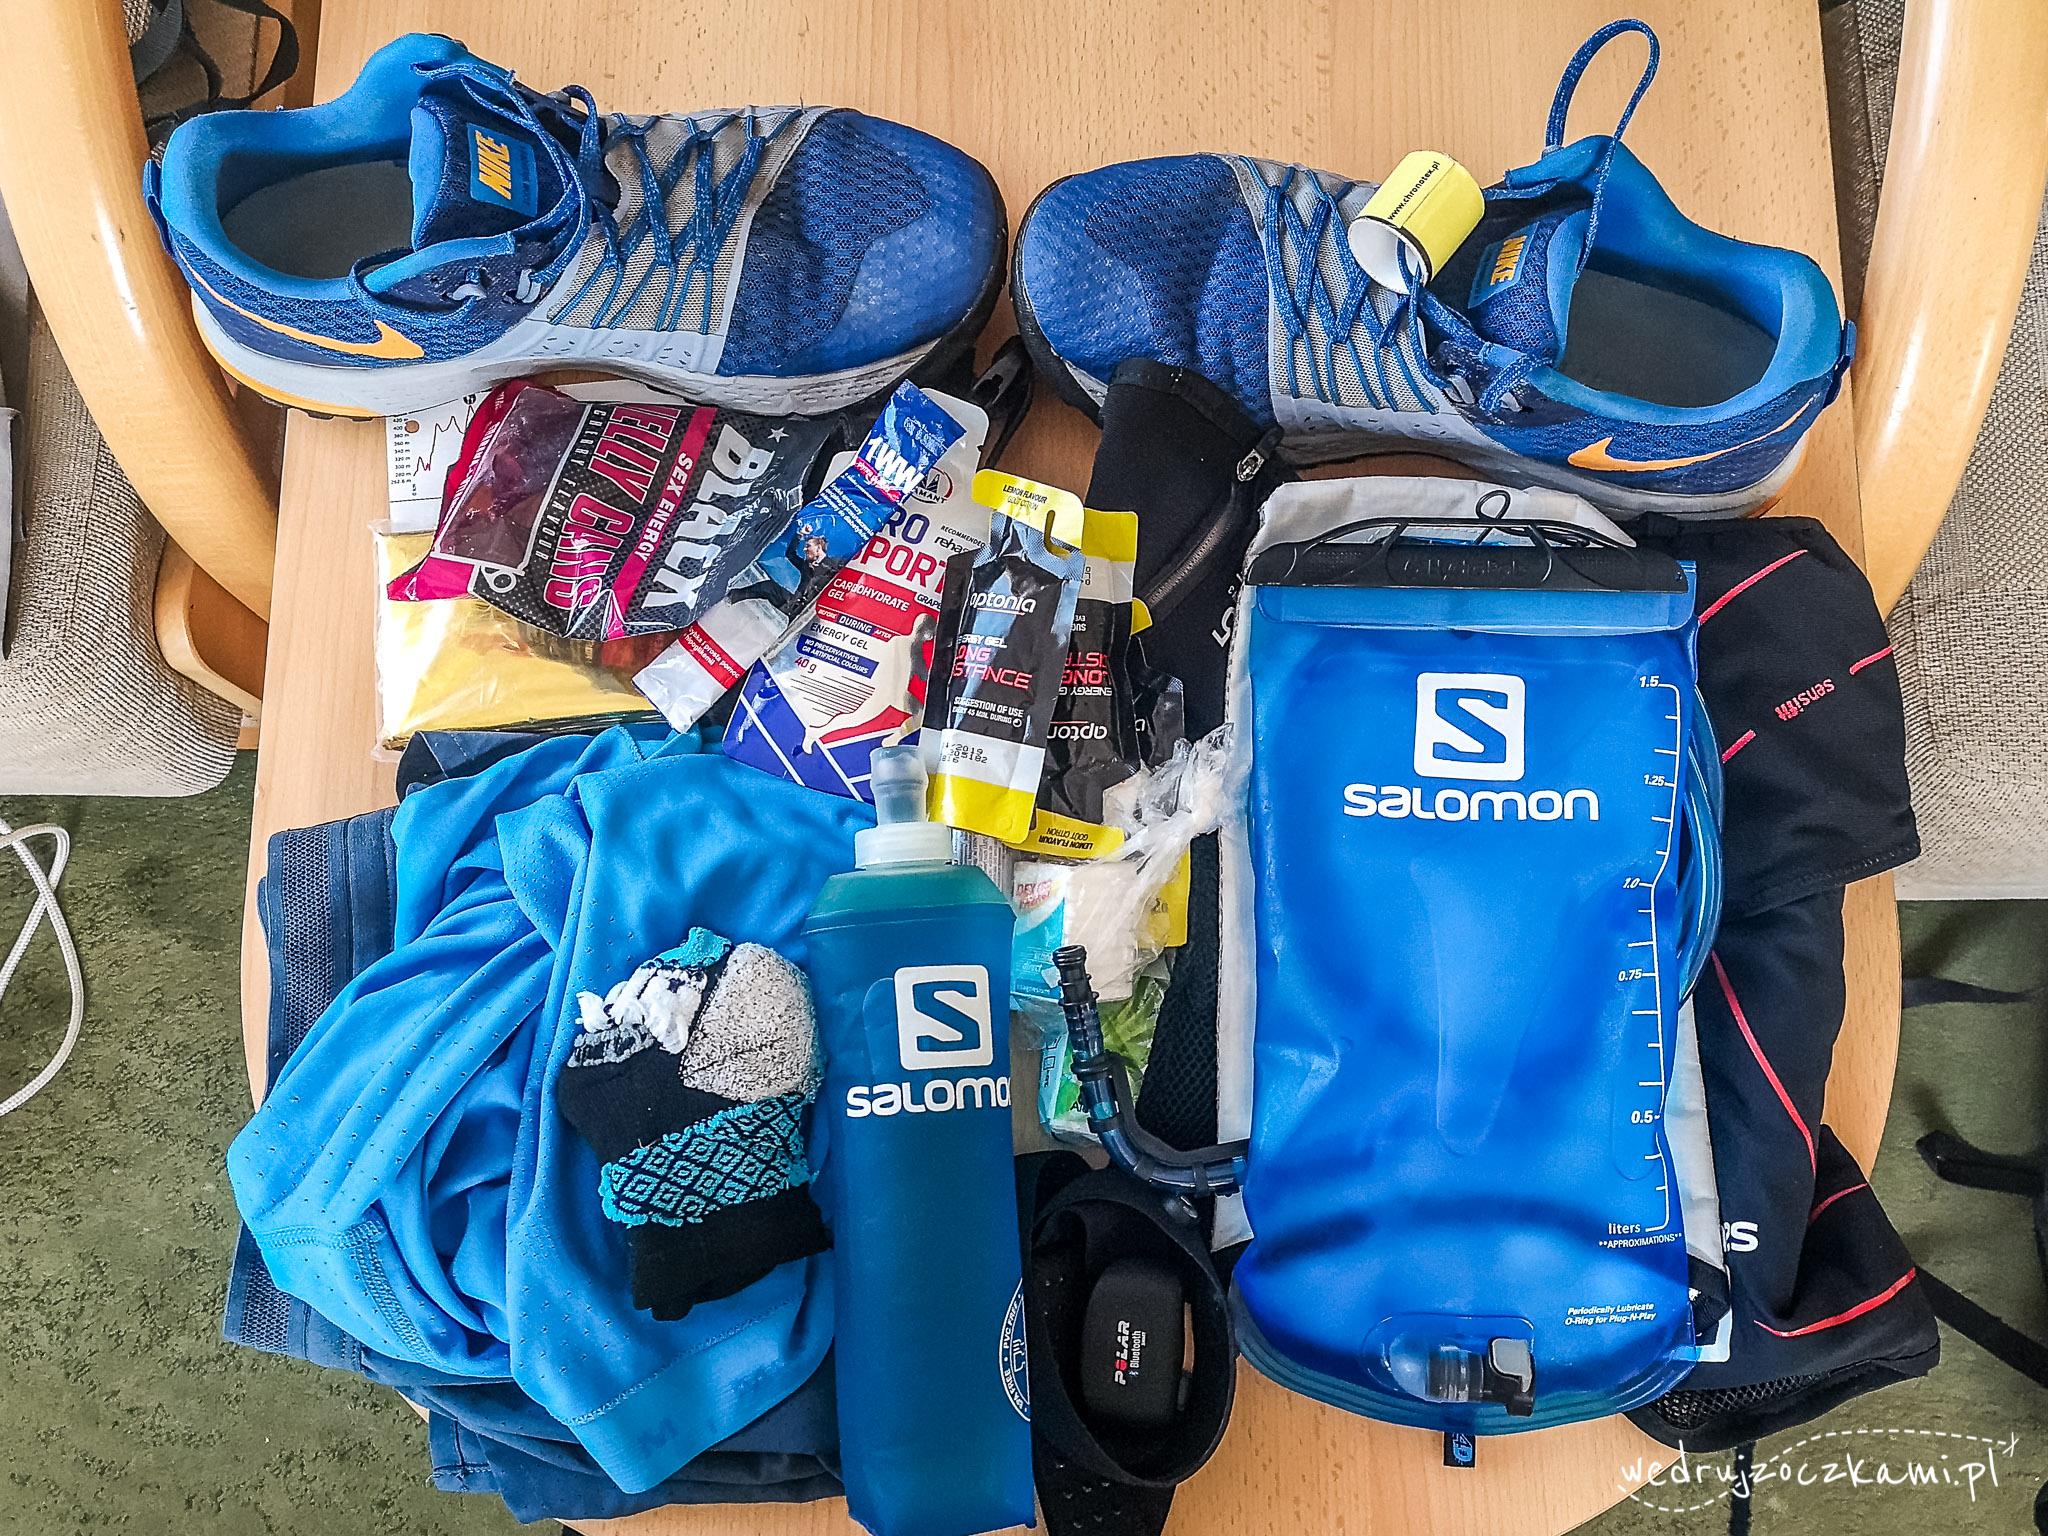 Sprzęt na pierwszy ultramaraton